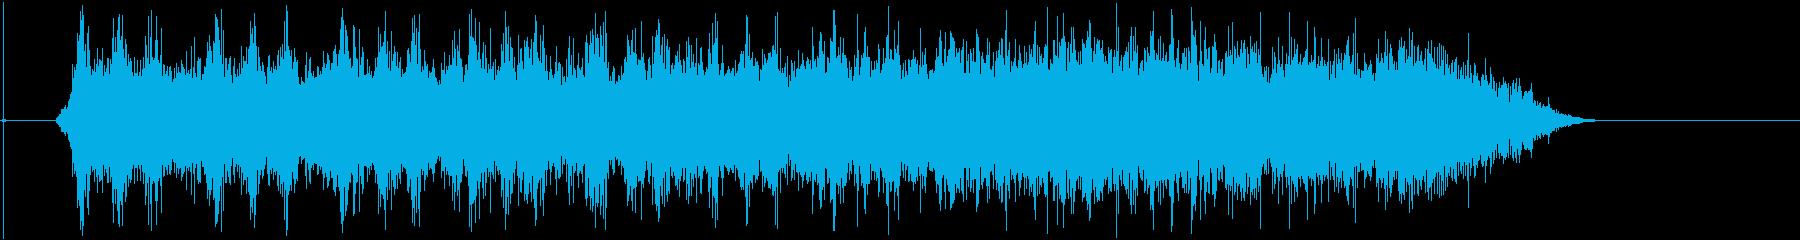 サンフェルミン1月1日の再生済みの波形